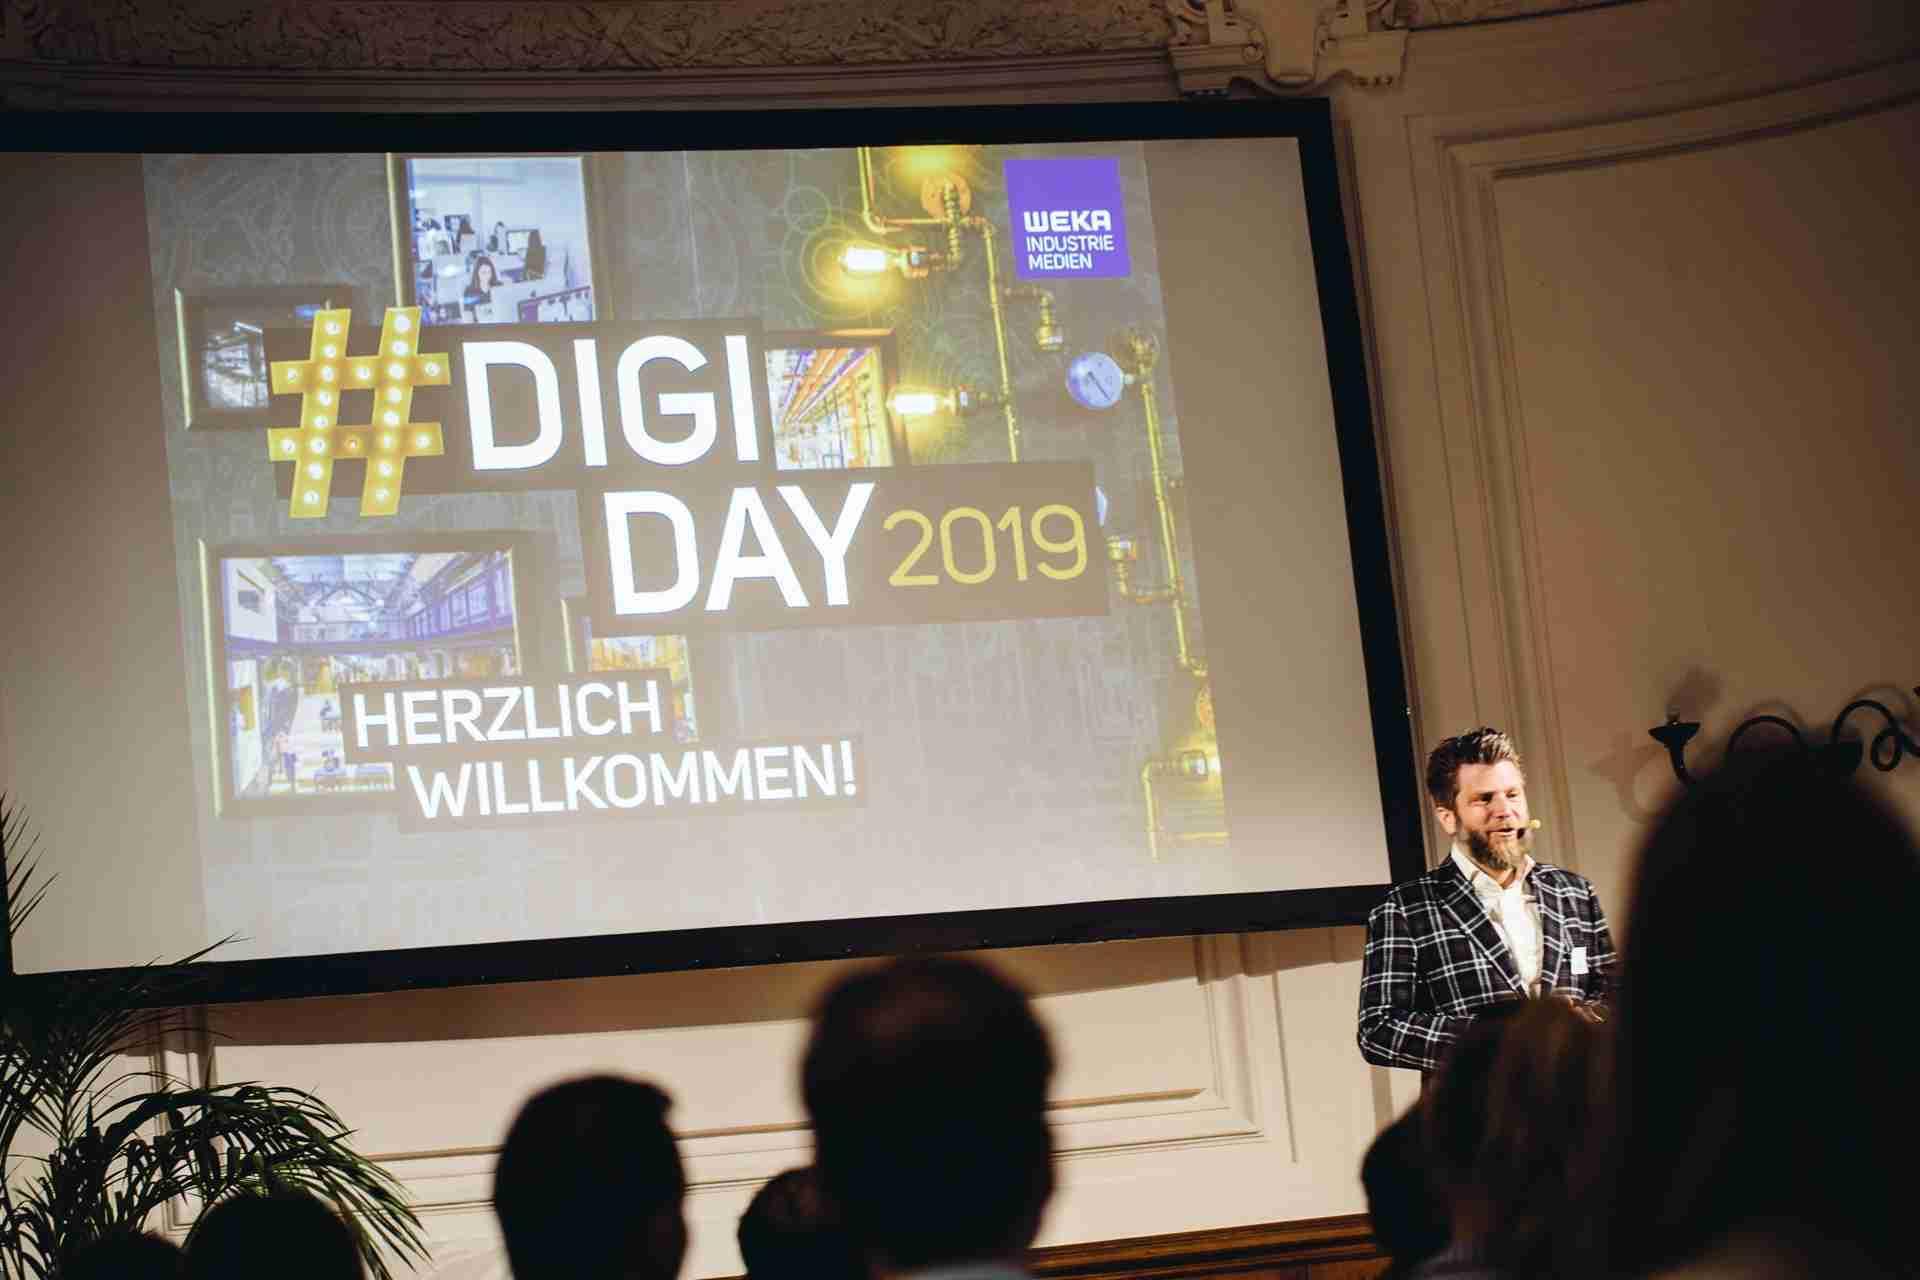 Der Digiday 2019 / Bild: M. Heschl